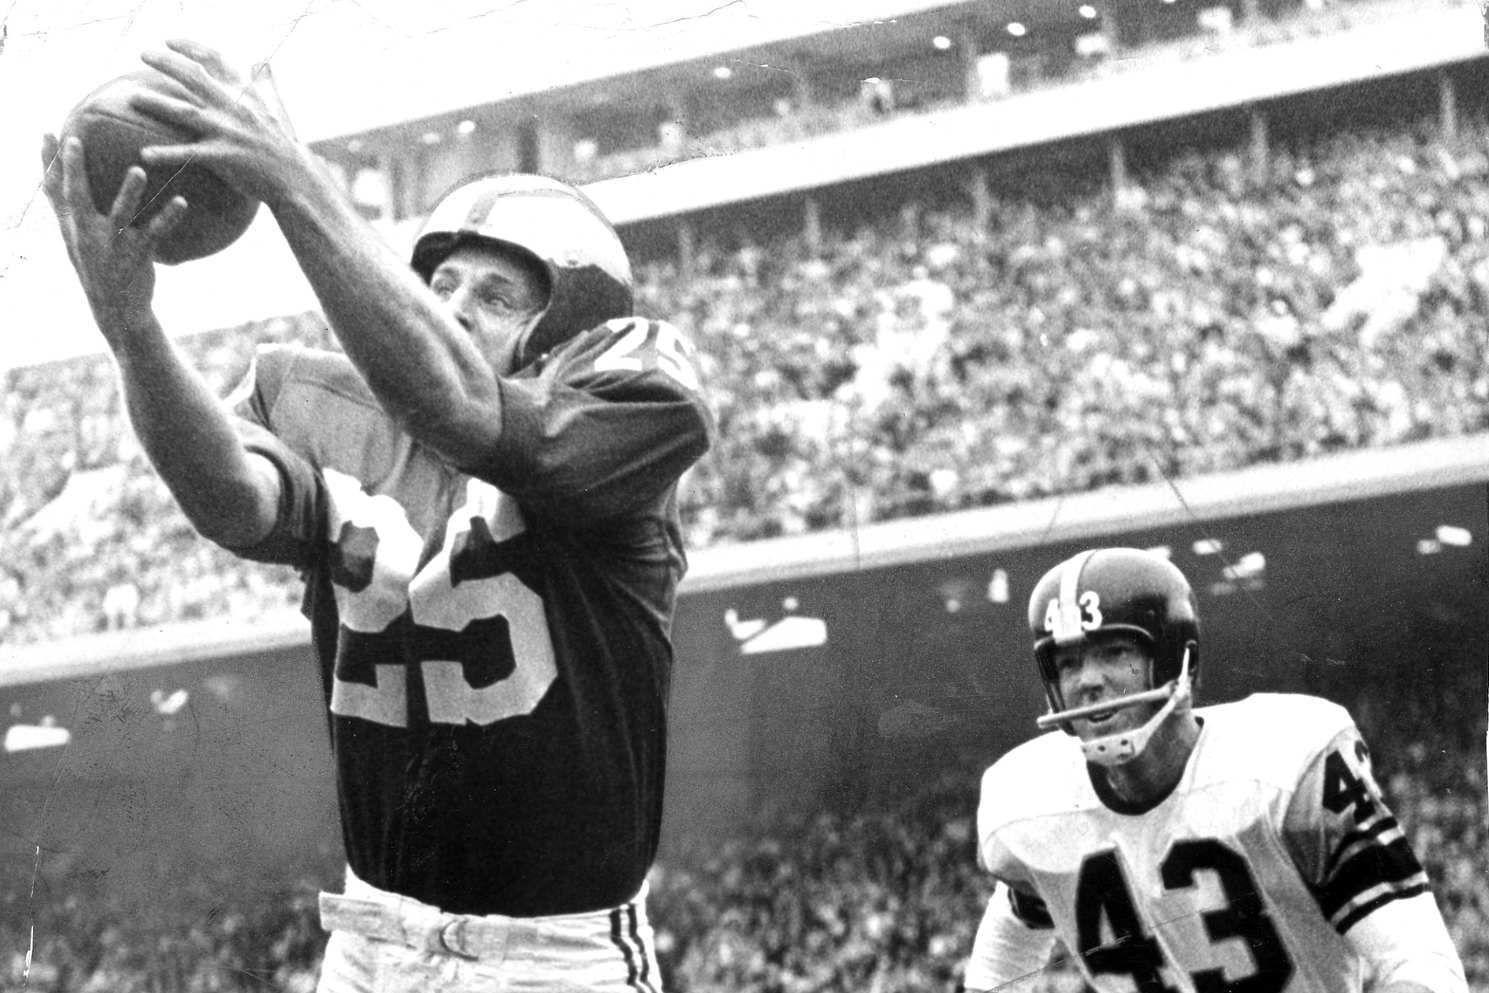 Tommy McDonald, Eagles Hall of Famer, dies